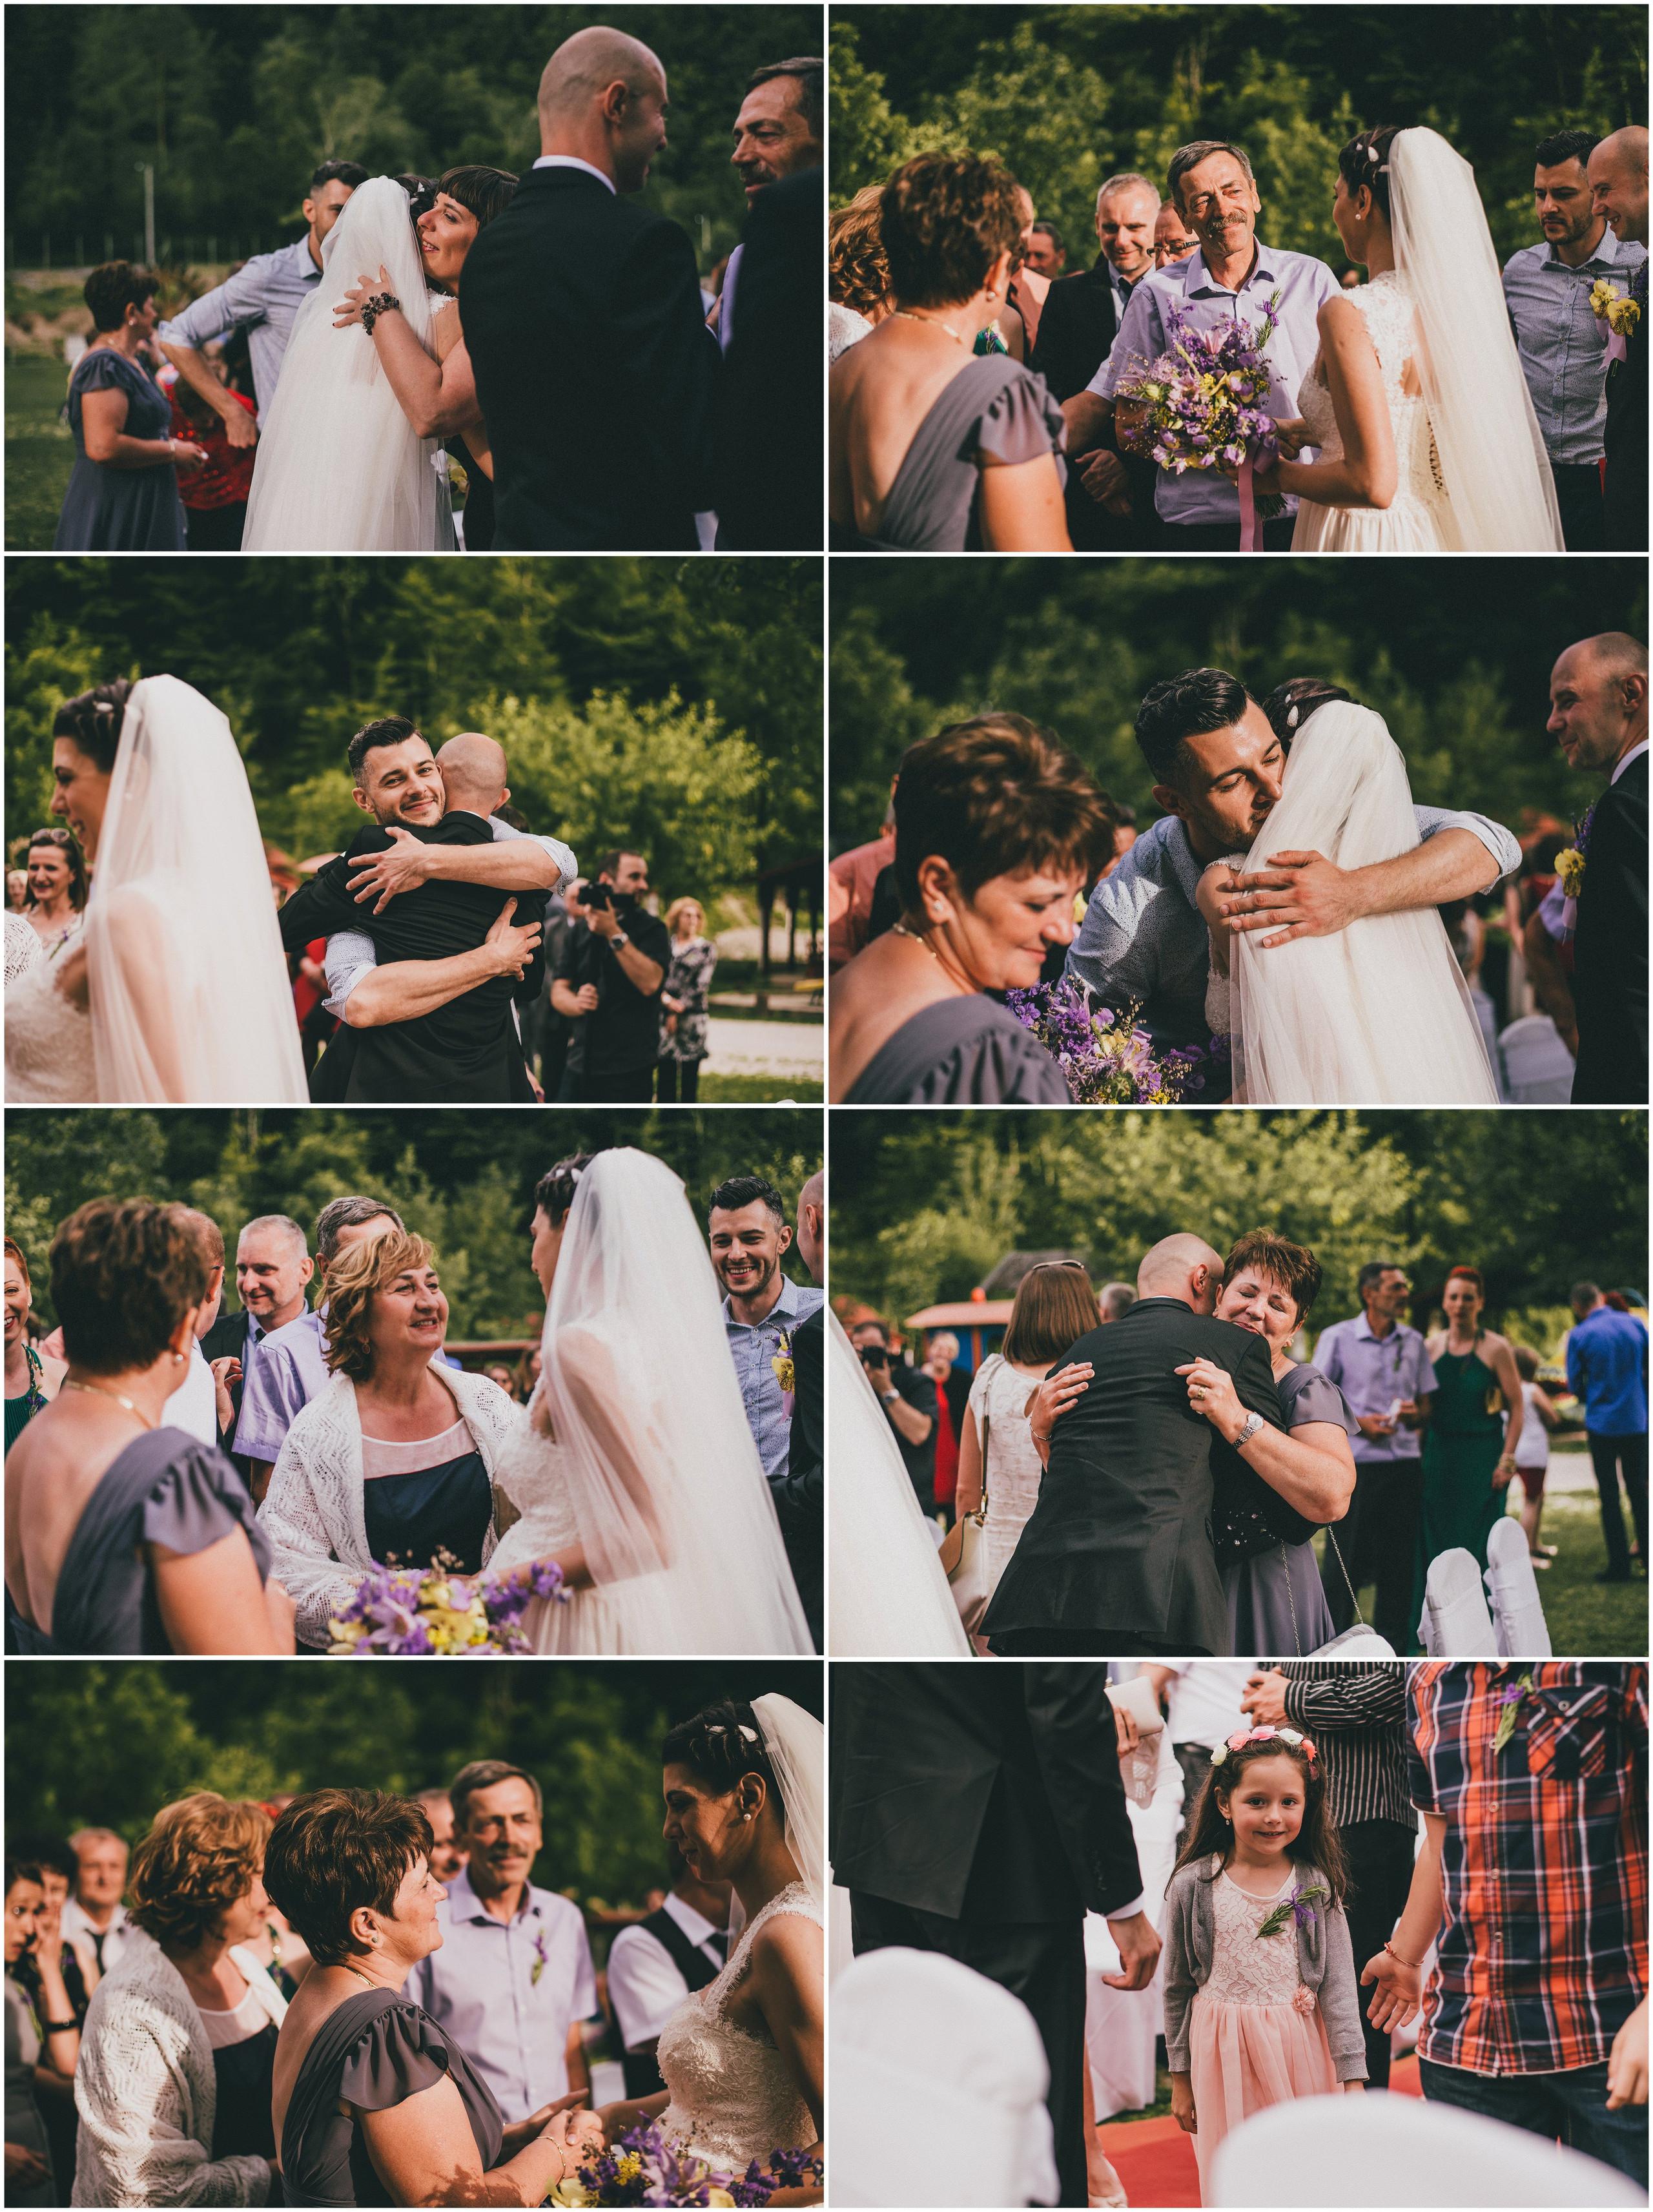 Vjenčanje na otvorenom, čestitanje mladencima, roditelji i bližnja rodbina